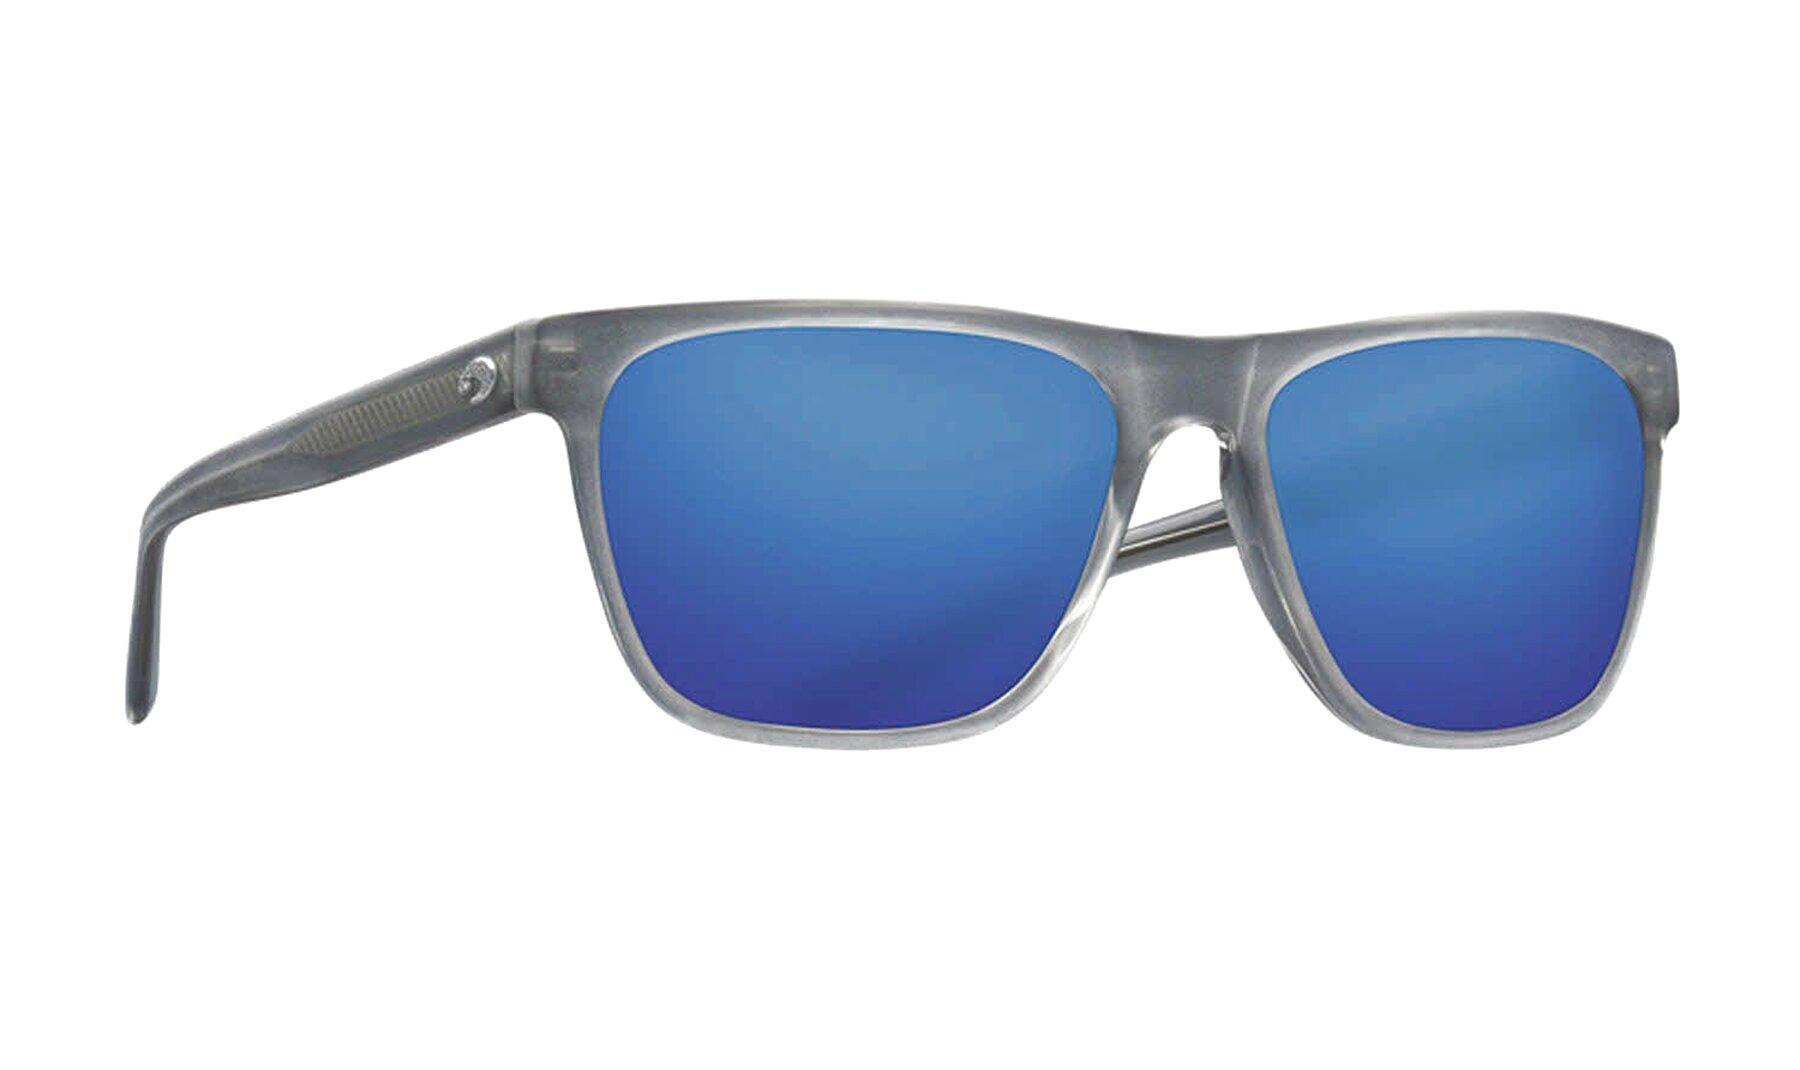 costa del mar glasses for sale